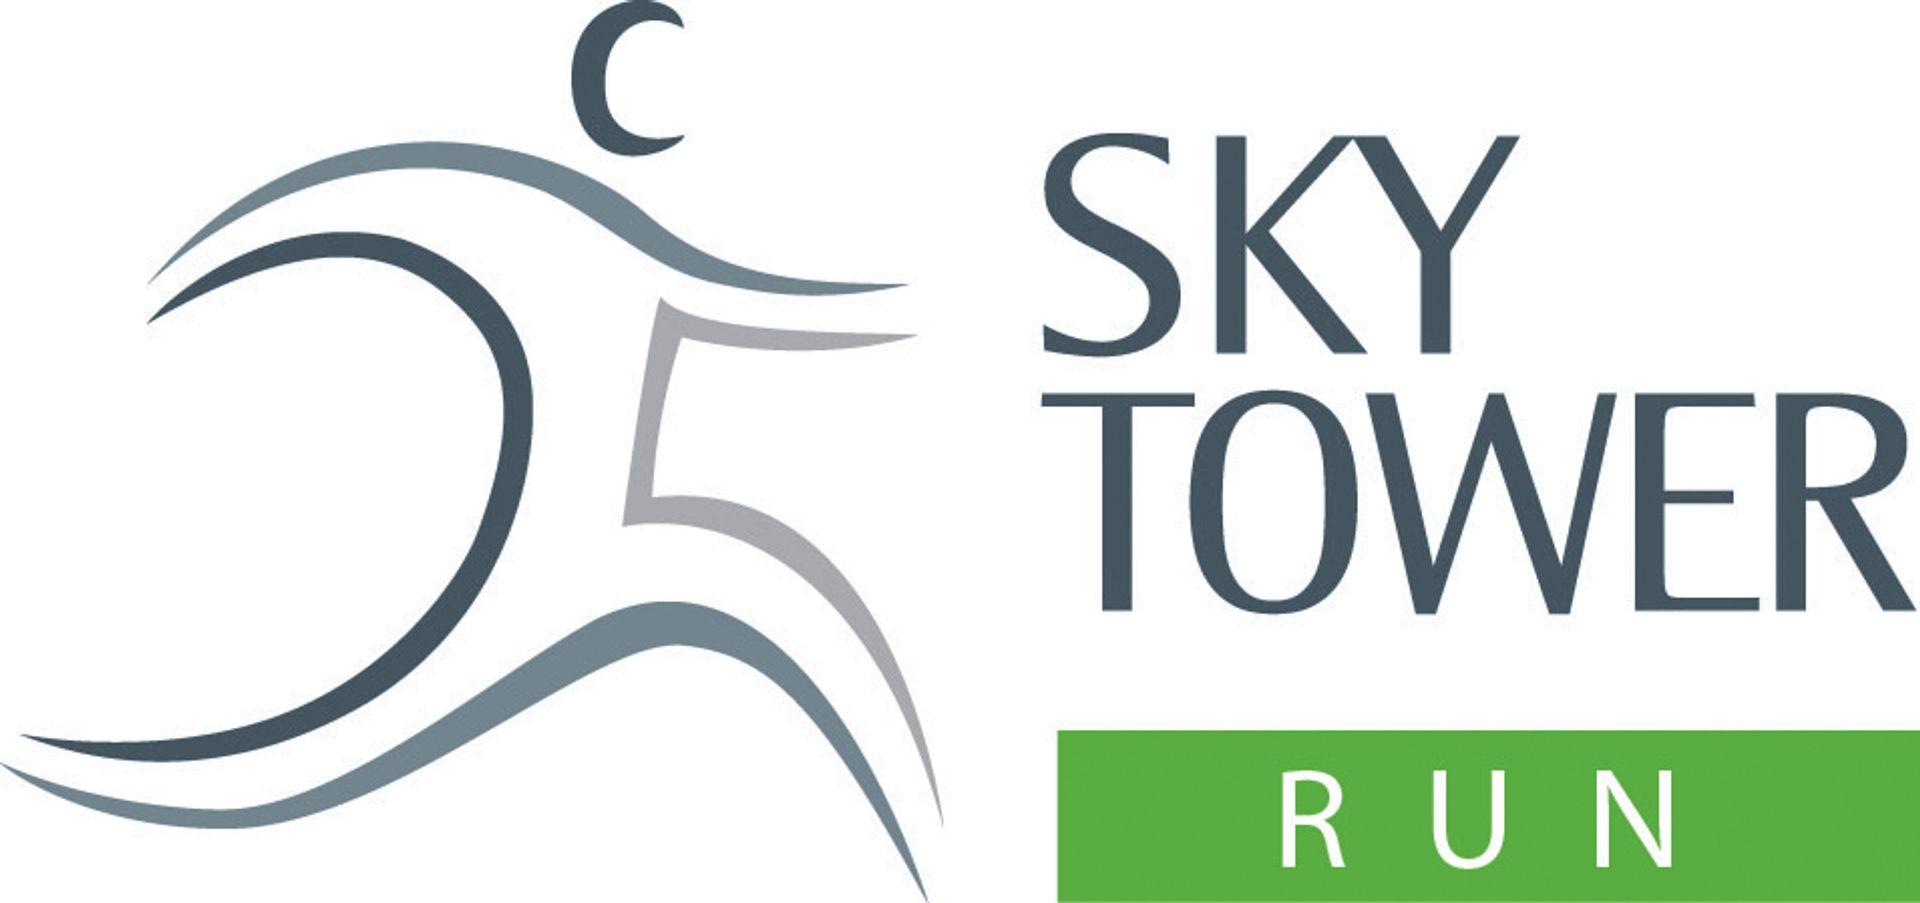 [Wrocław] SKY TOWER RUN – bieg na najwyższym poziomie